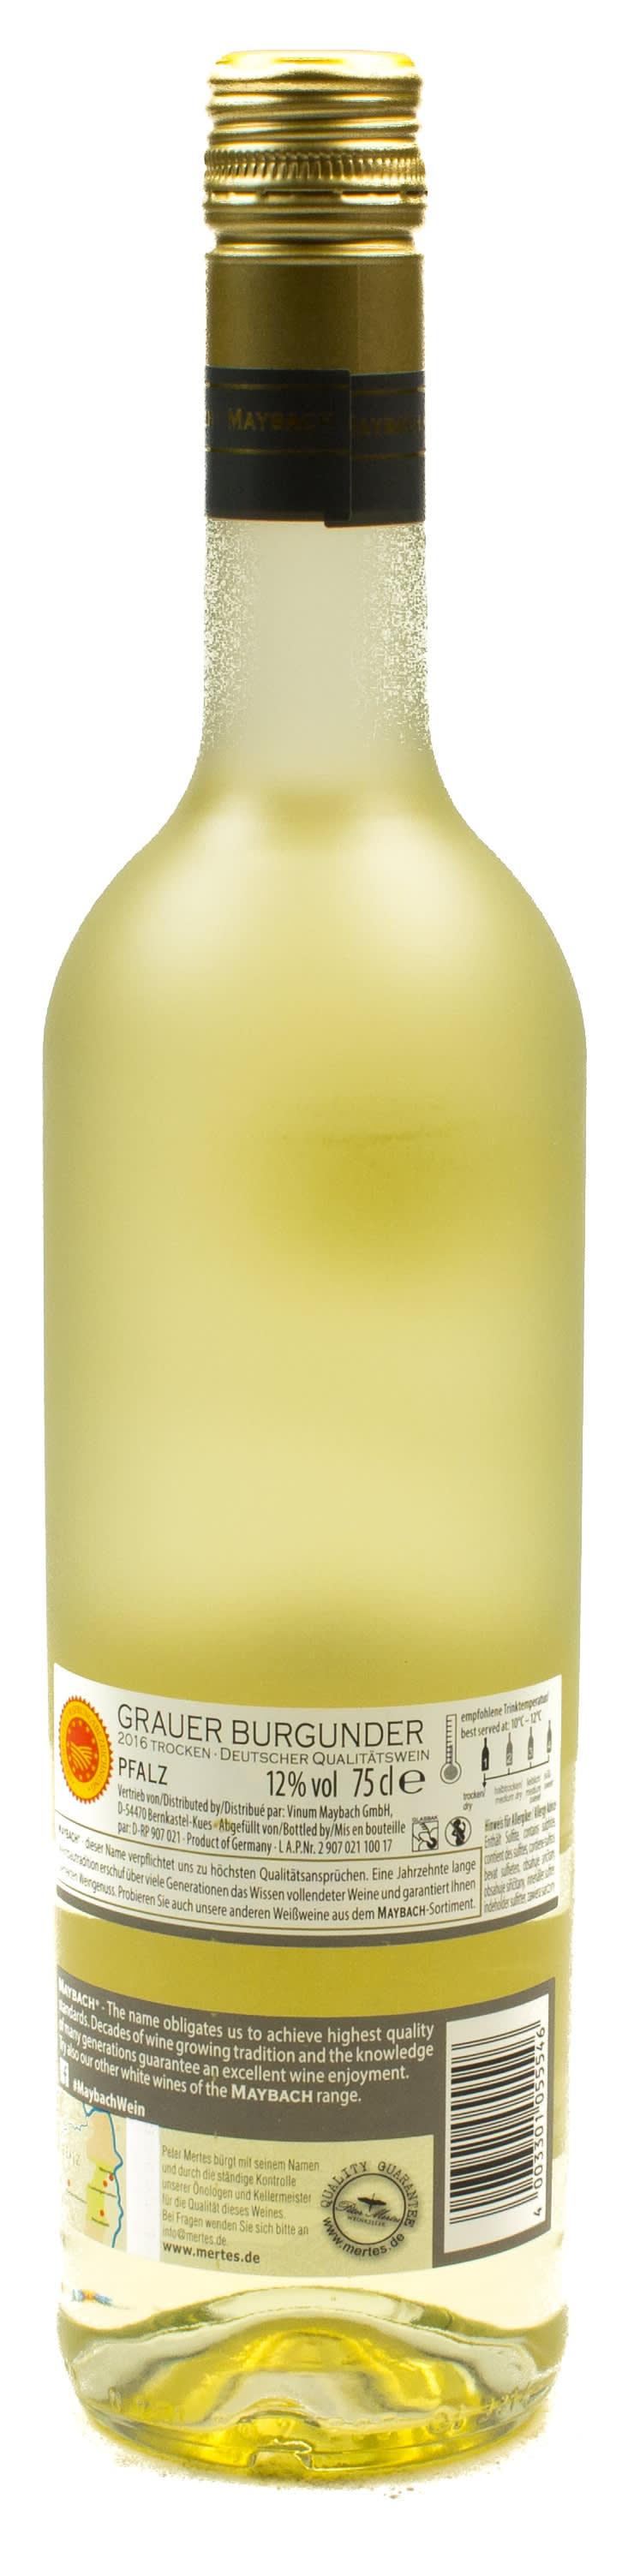 weißwein - maybach grauer burgunder weisswein trocken 0,75 l glas